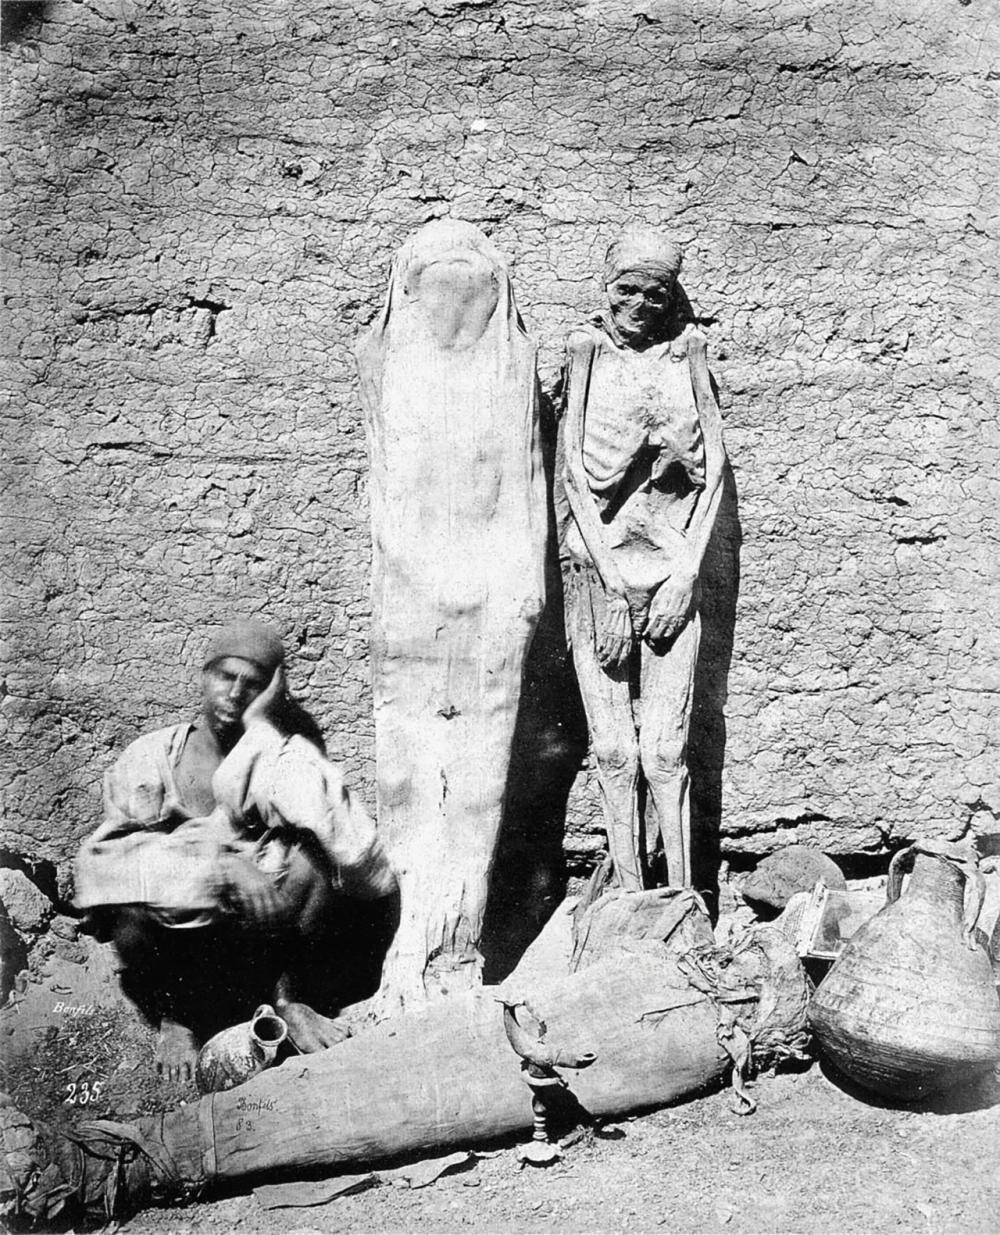 พ่อค้านั่งขายมัมมี่ตามท้องถนนในช่วงปี ค.ศ.1875.